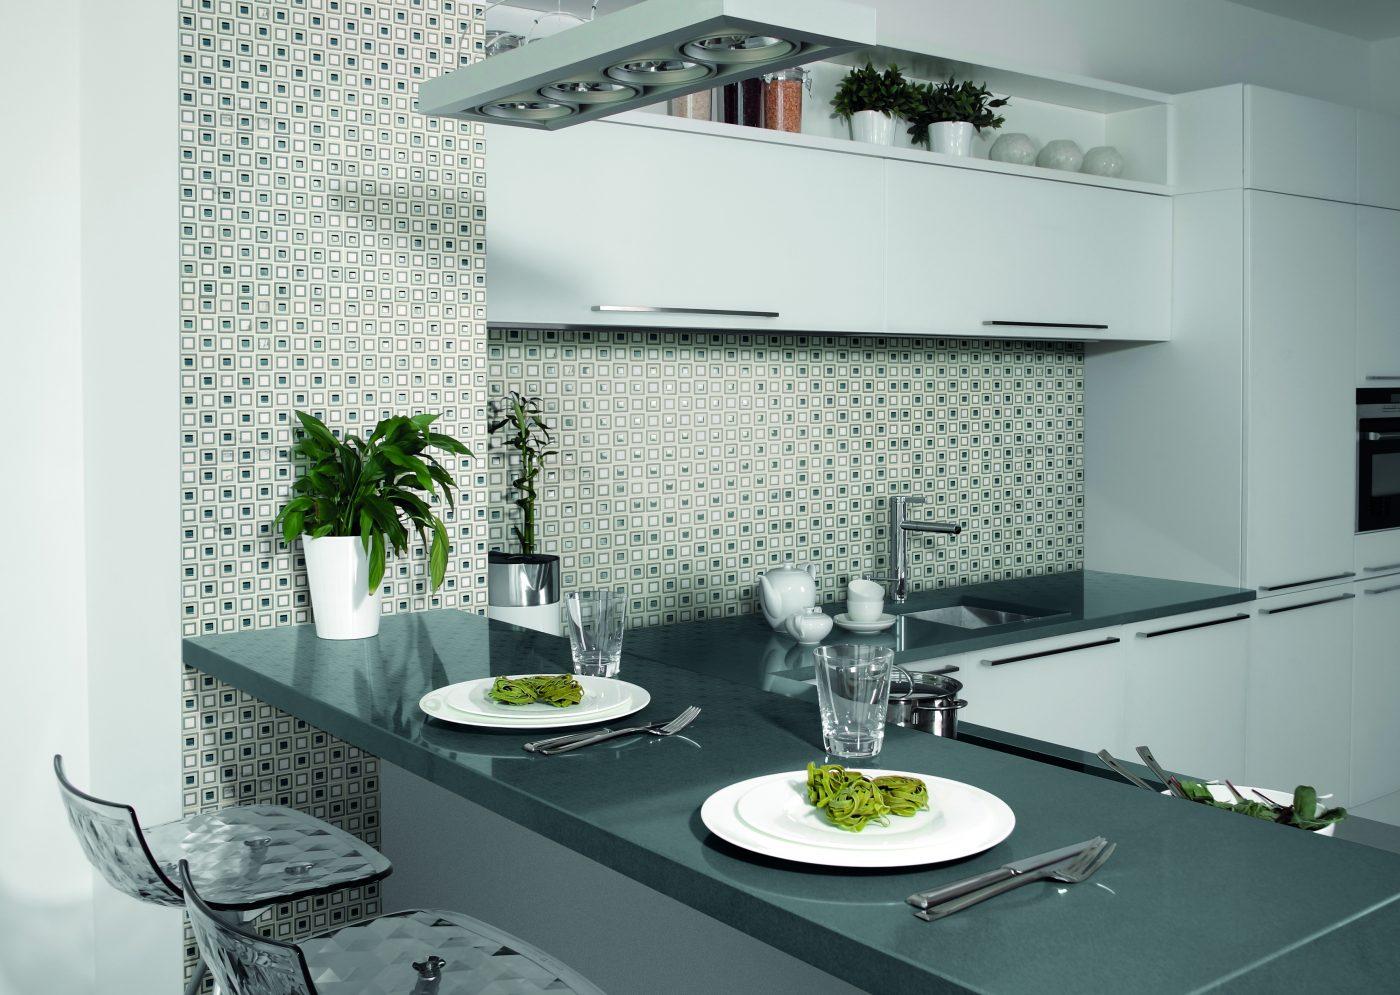 carrelage salle manger cuisine capbreton valceram. Black Bedroom Furniture Sets. Home Design Ideas